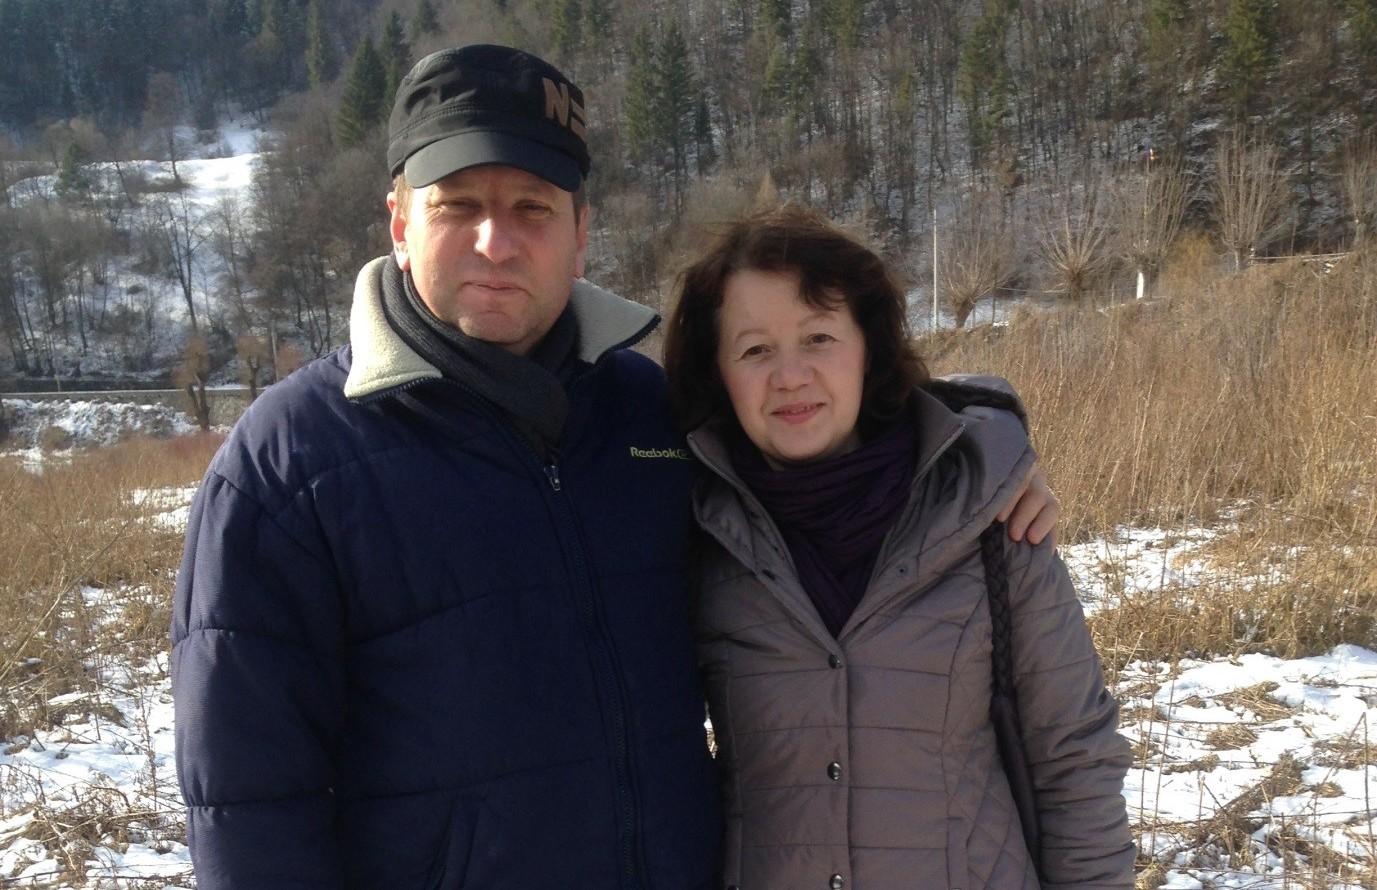 Beni and Ioana Handaric